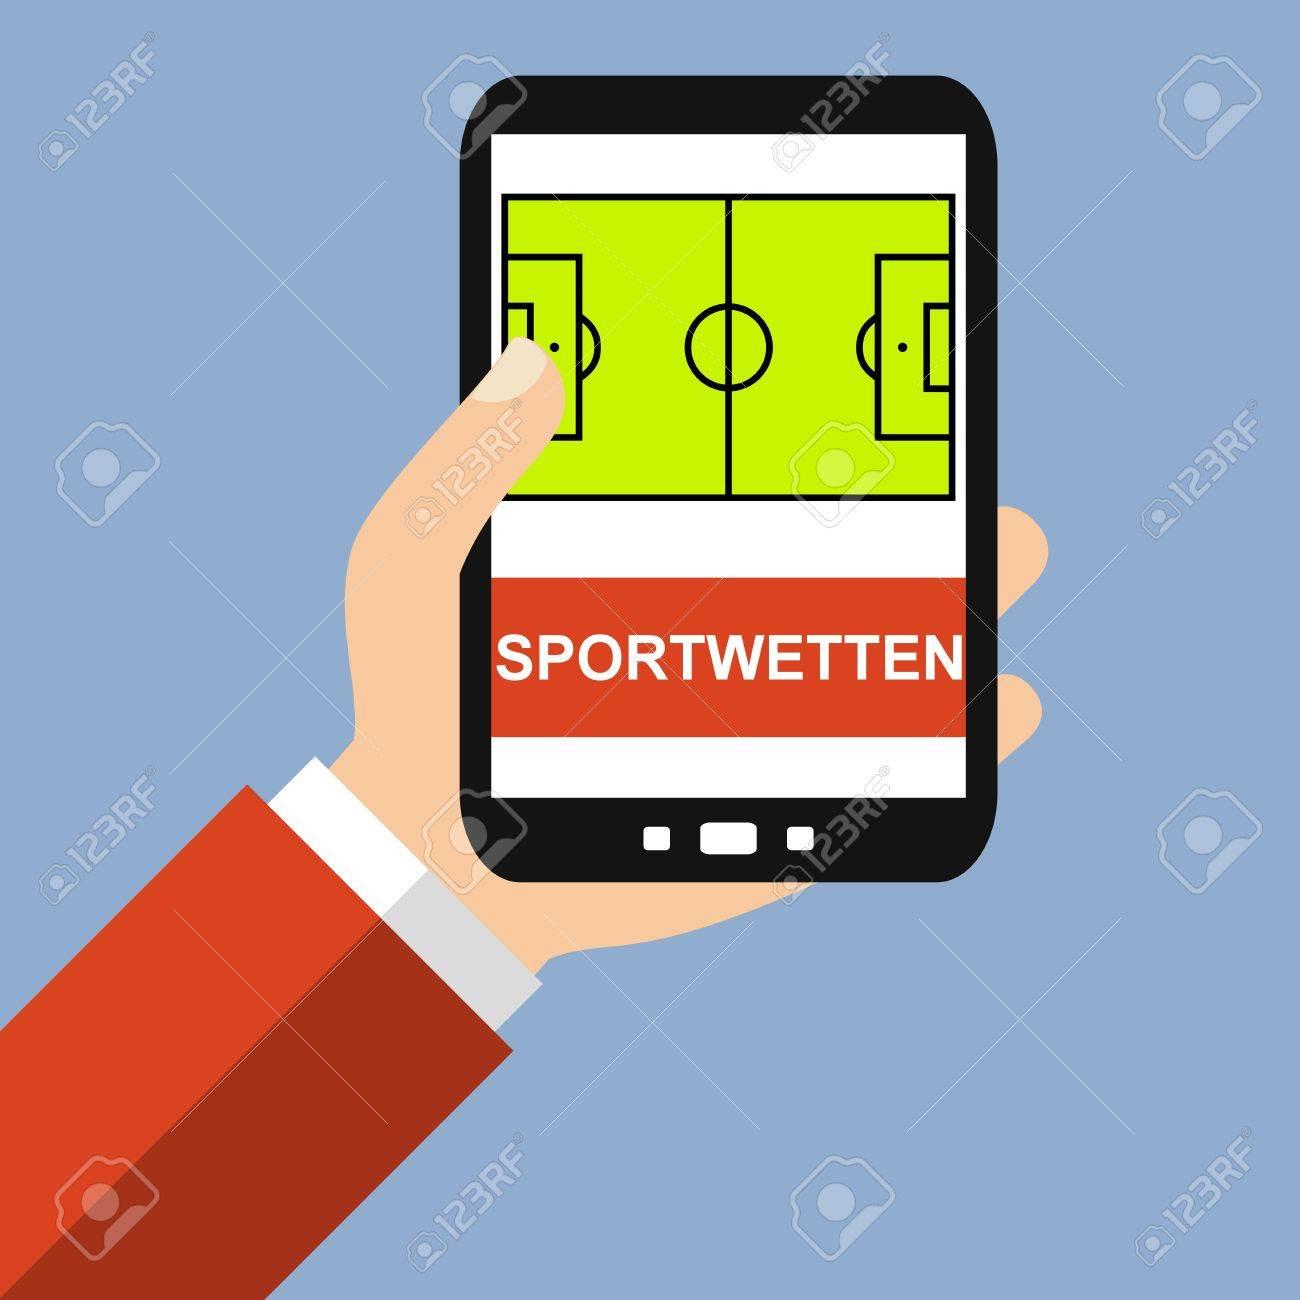 sports betting language